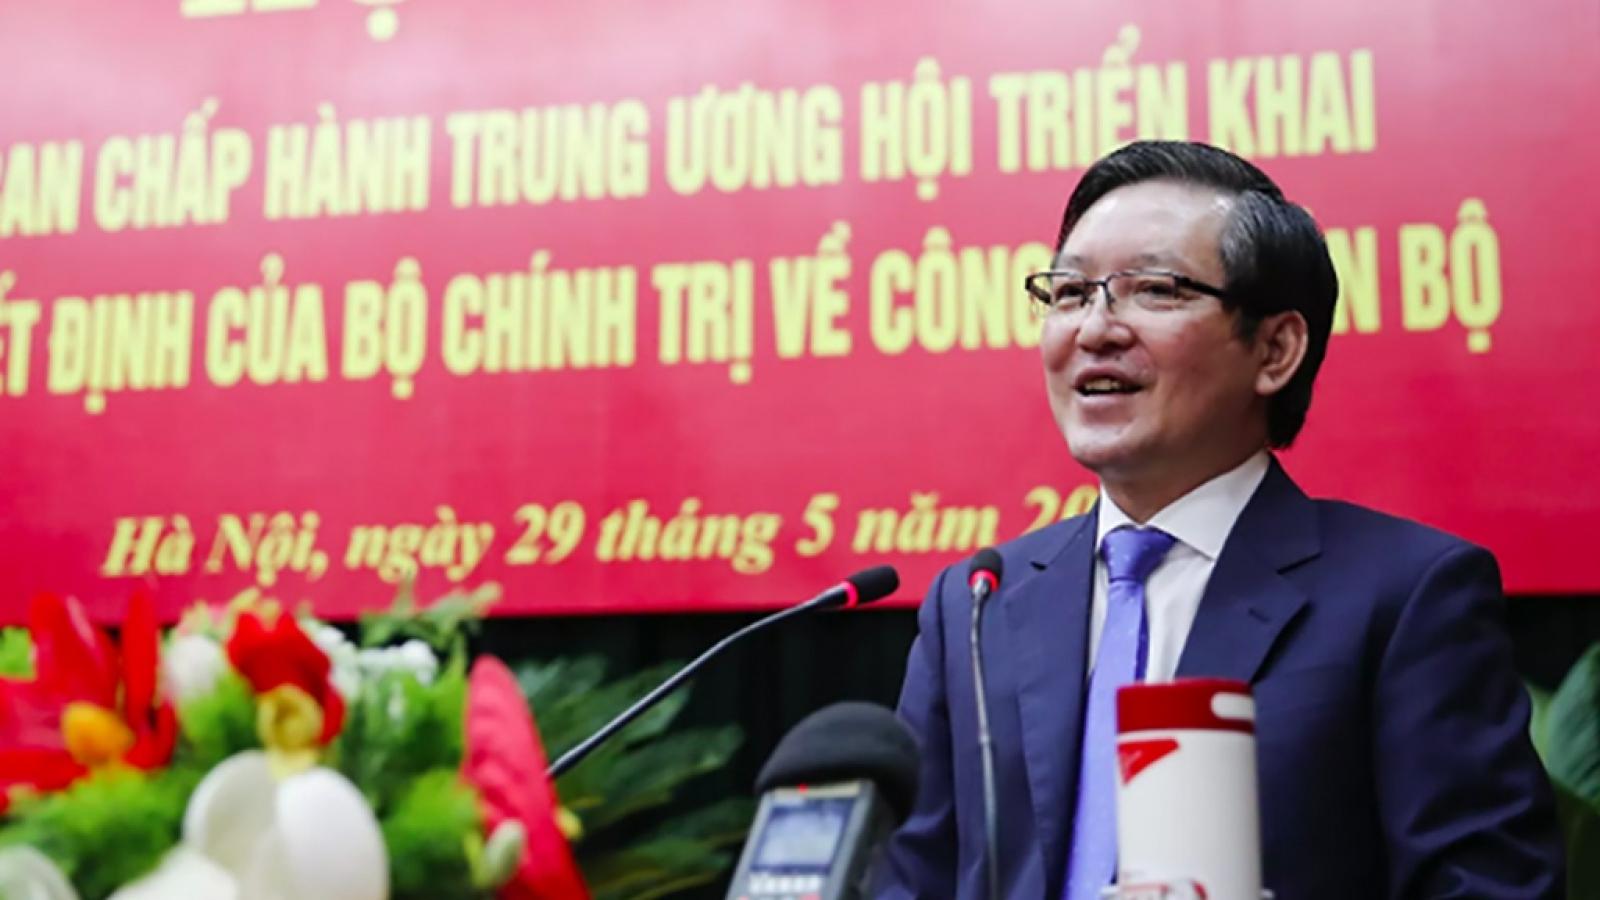 Tiểu sử Chủ tịch Hội Nông dân Việt Nam Lương Quốc Đoàn